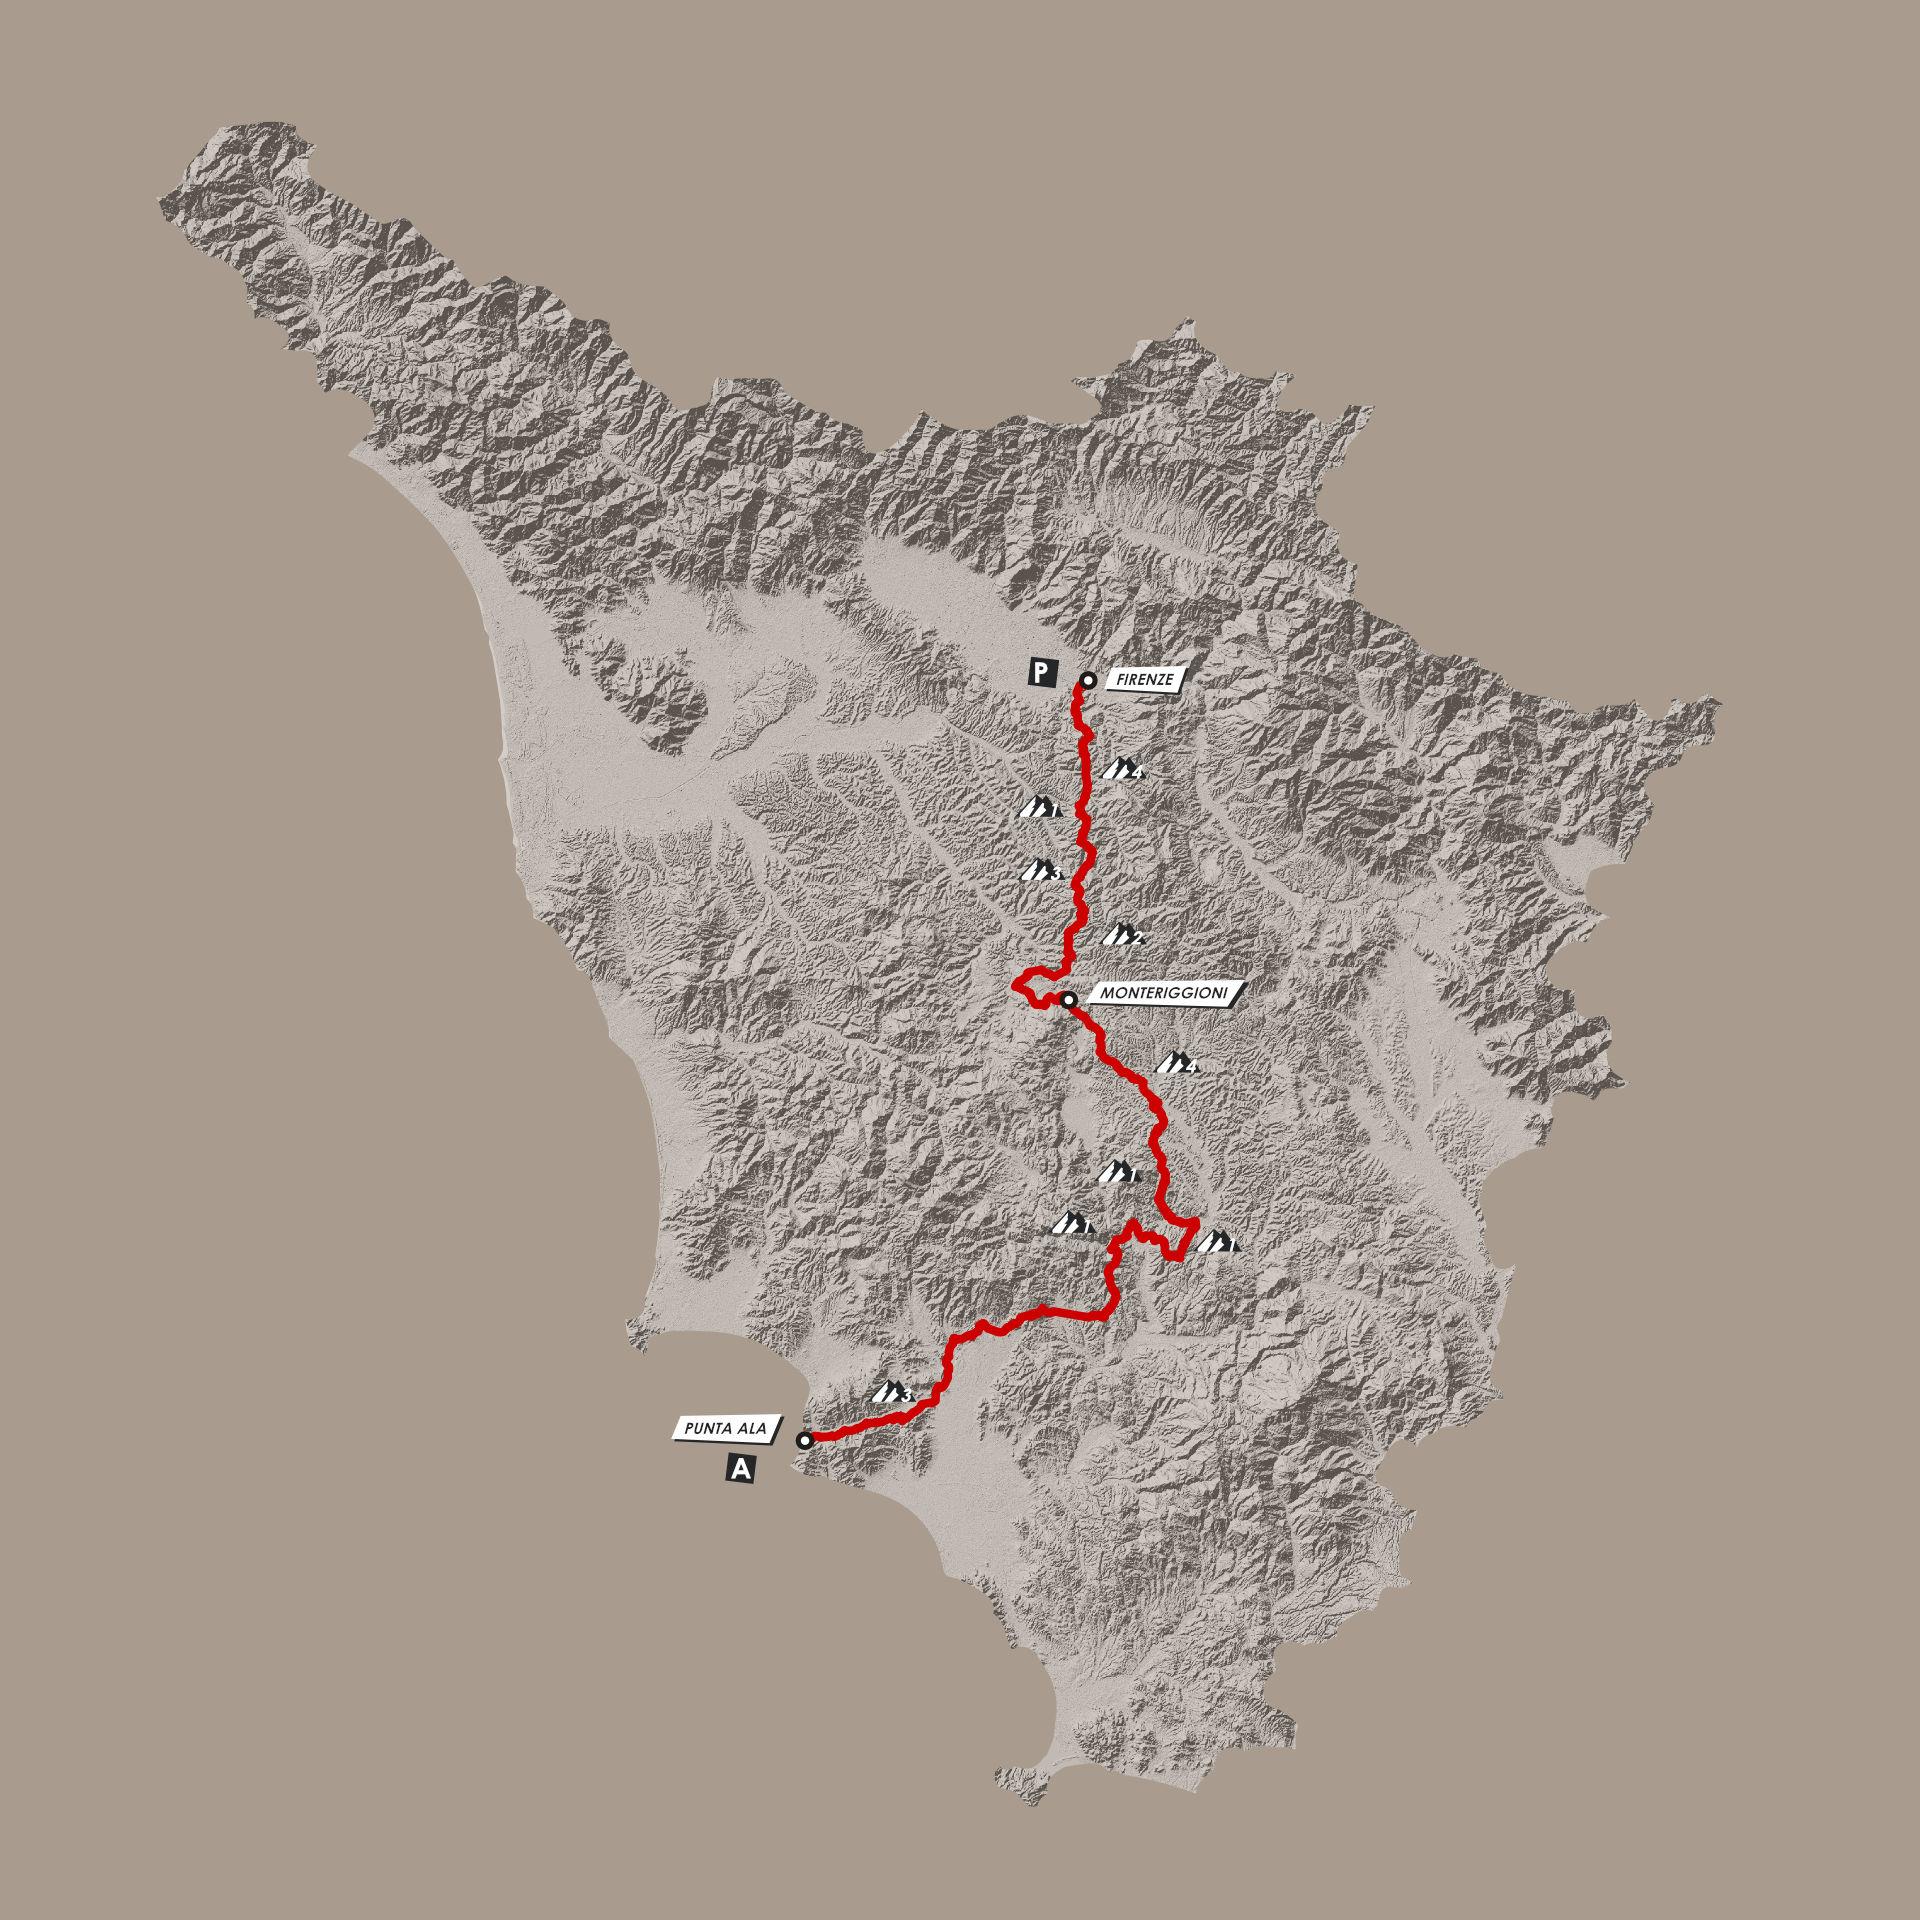 Tracciato Fiorino Mud 2020 Gravel in Tuscany